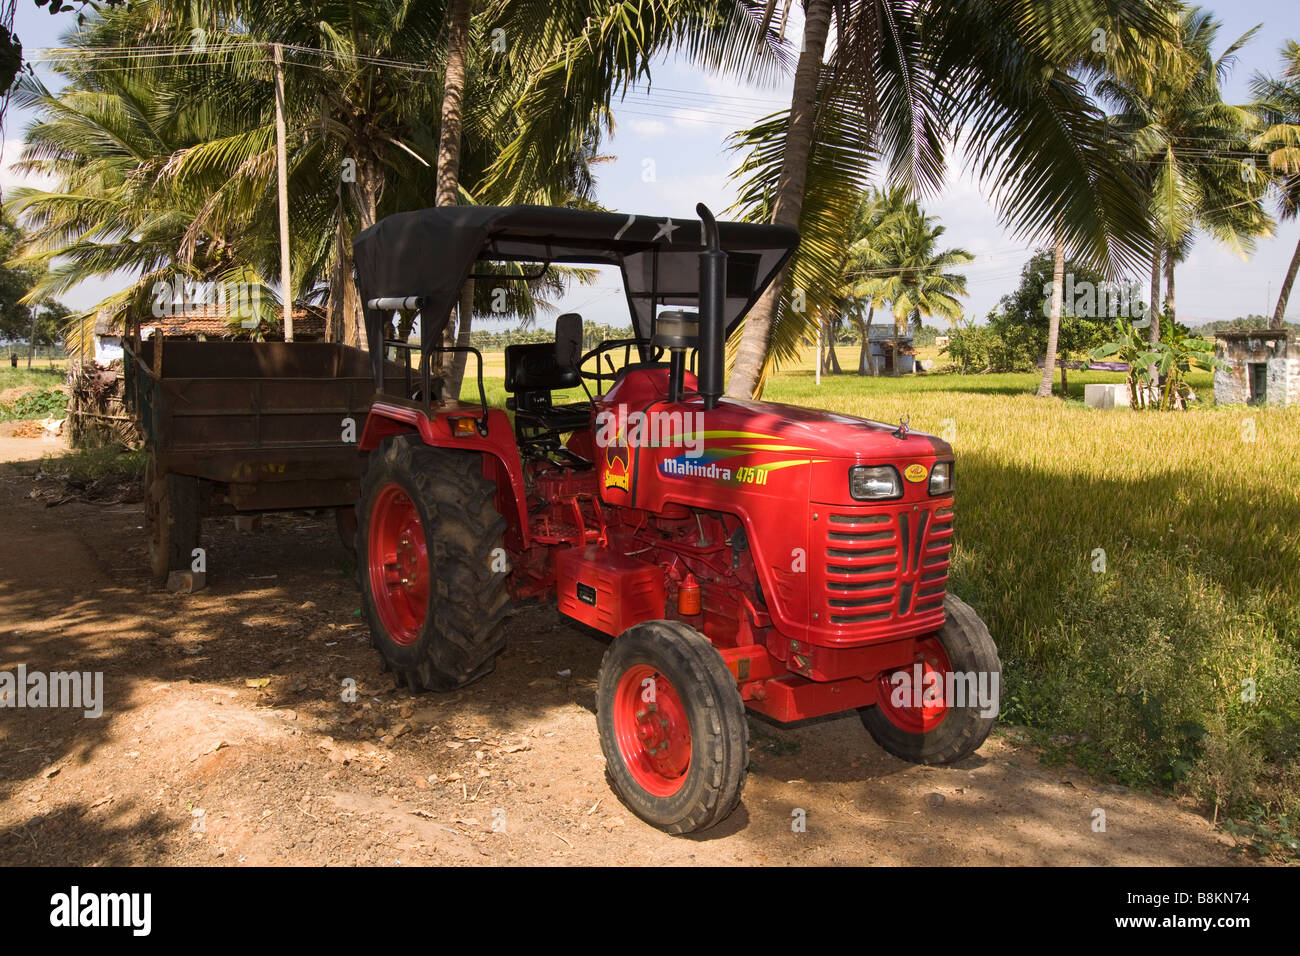 India Tamil Nadu Madurai Tidiyan Mahindra tractor parked in small rural  farming village - Stock Image